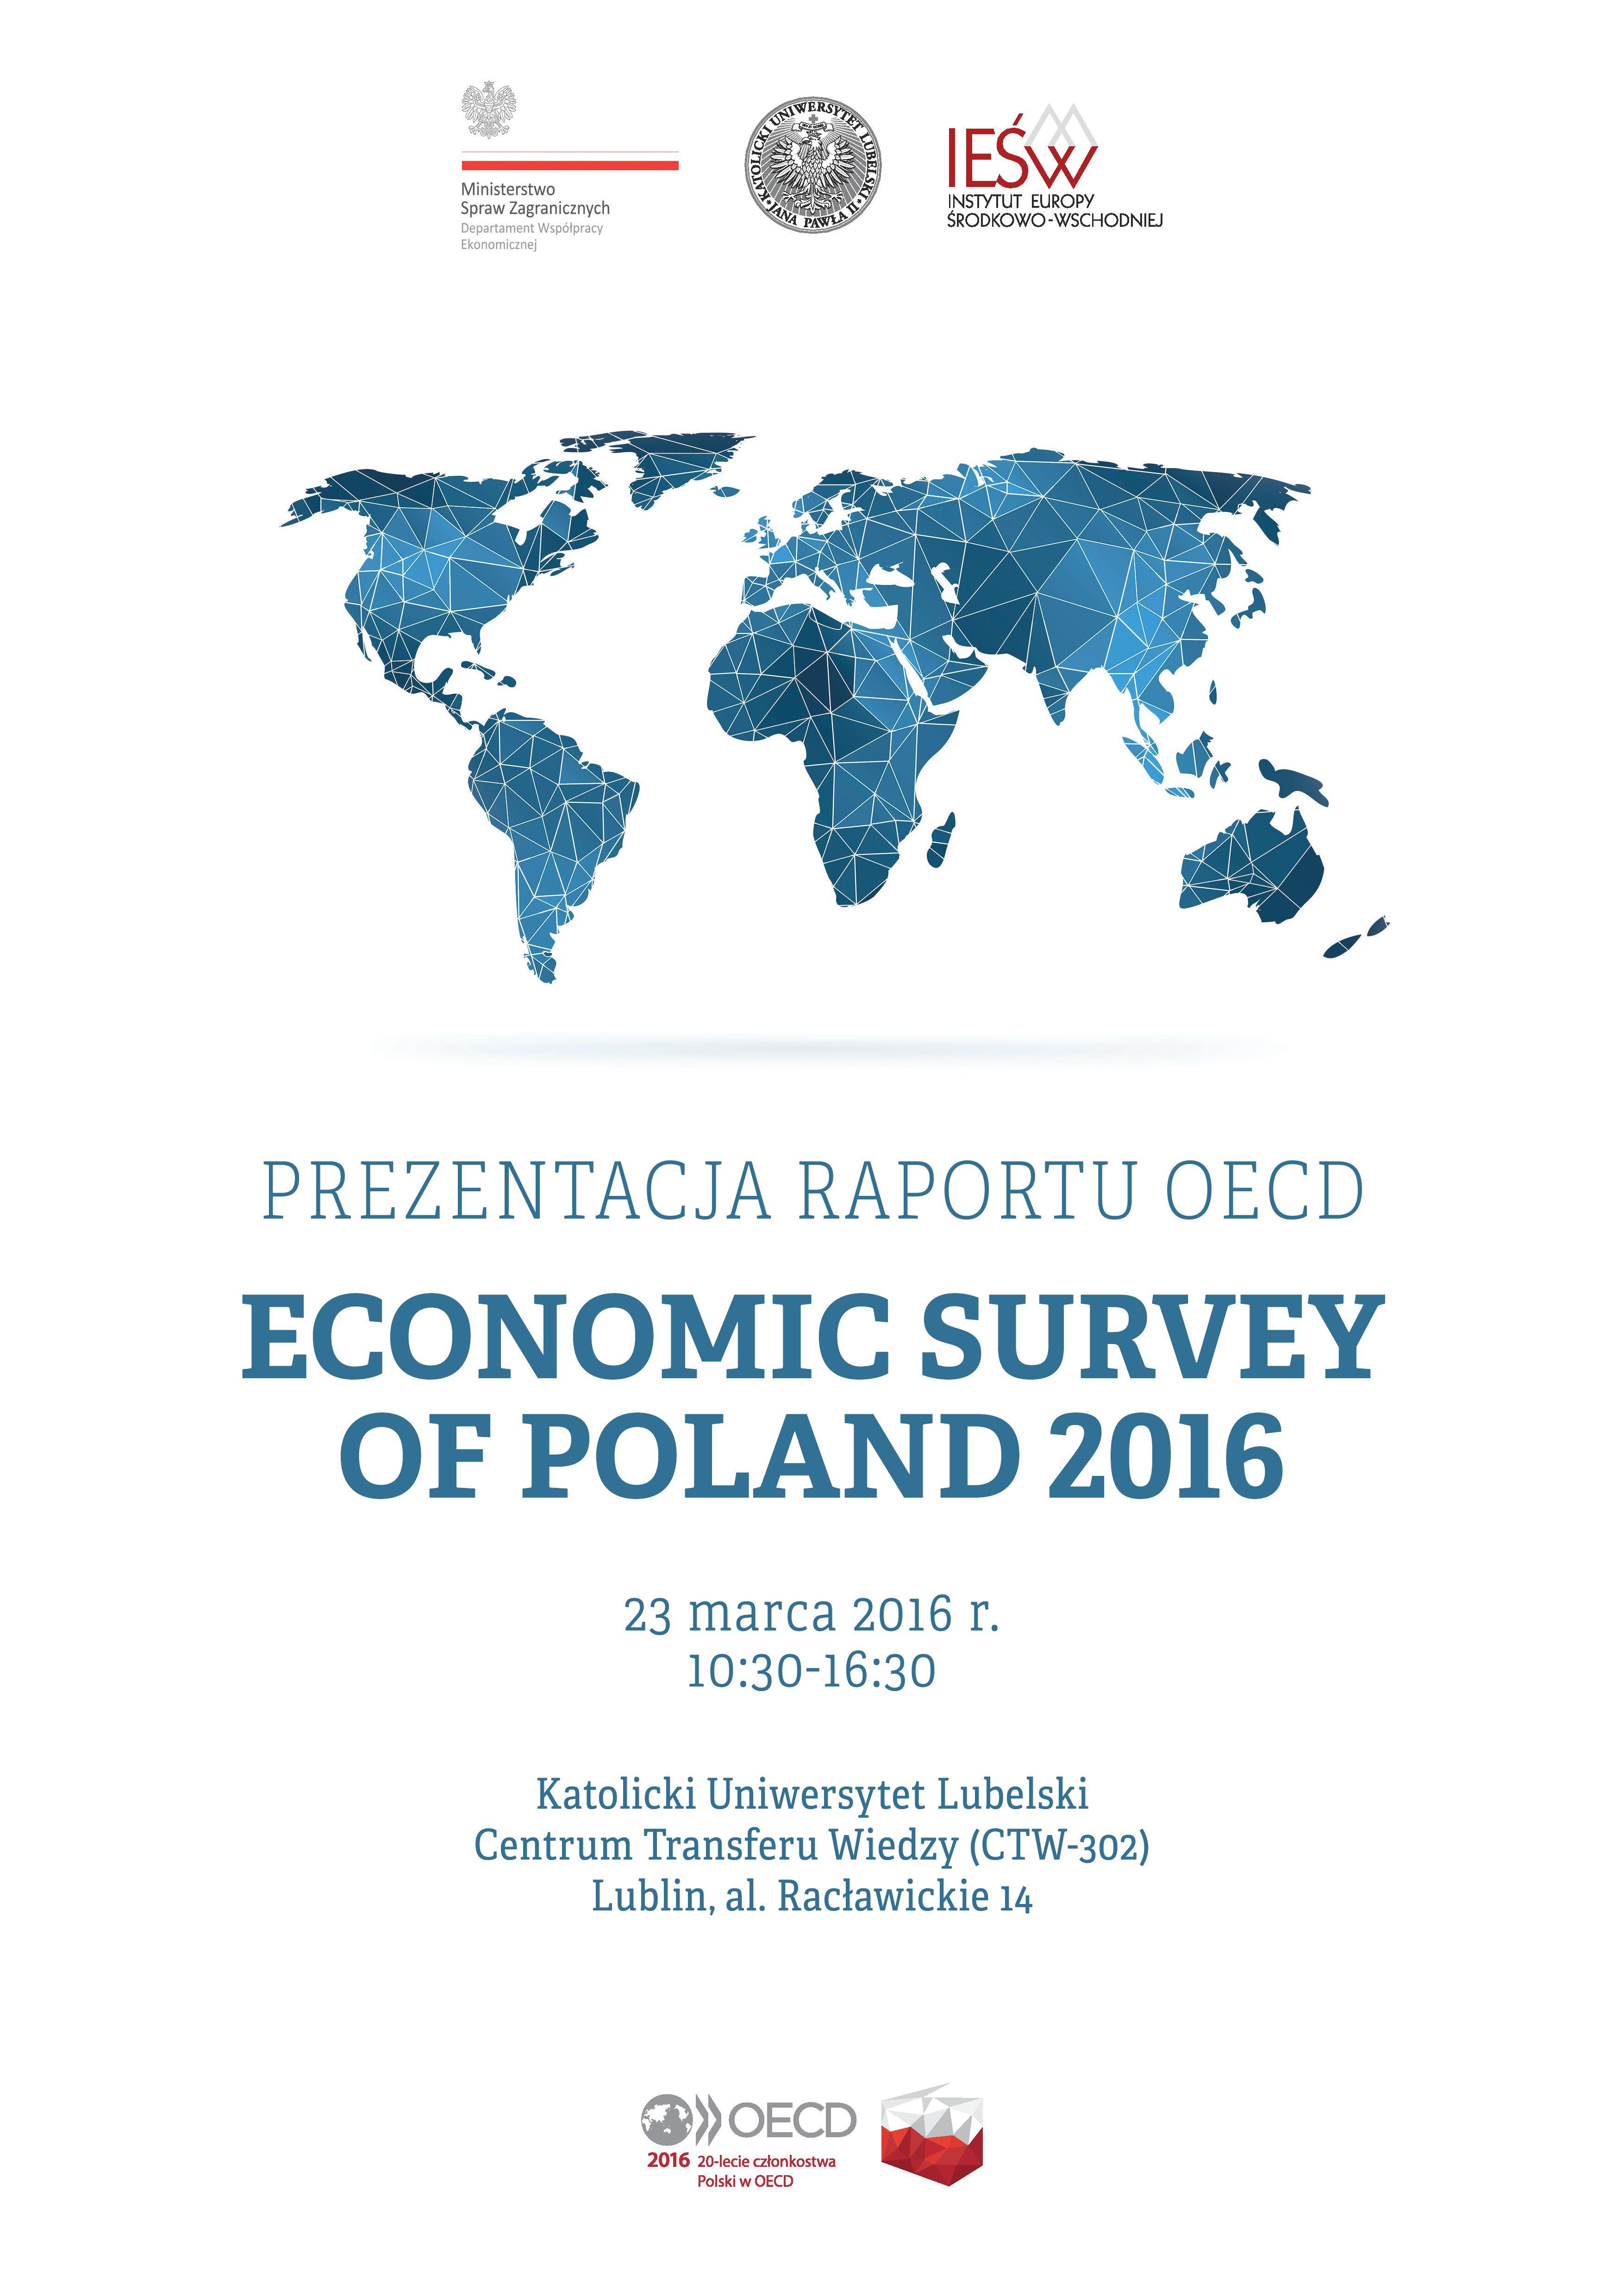 https://www.kul.pl/files/1458/plakat_OECD_01_popr-page-001.jpg